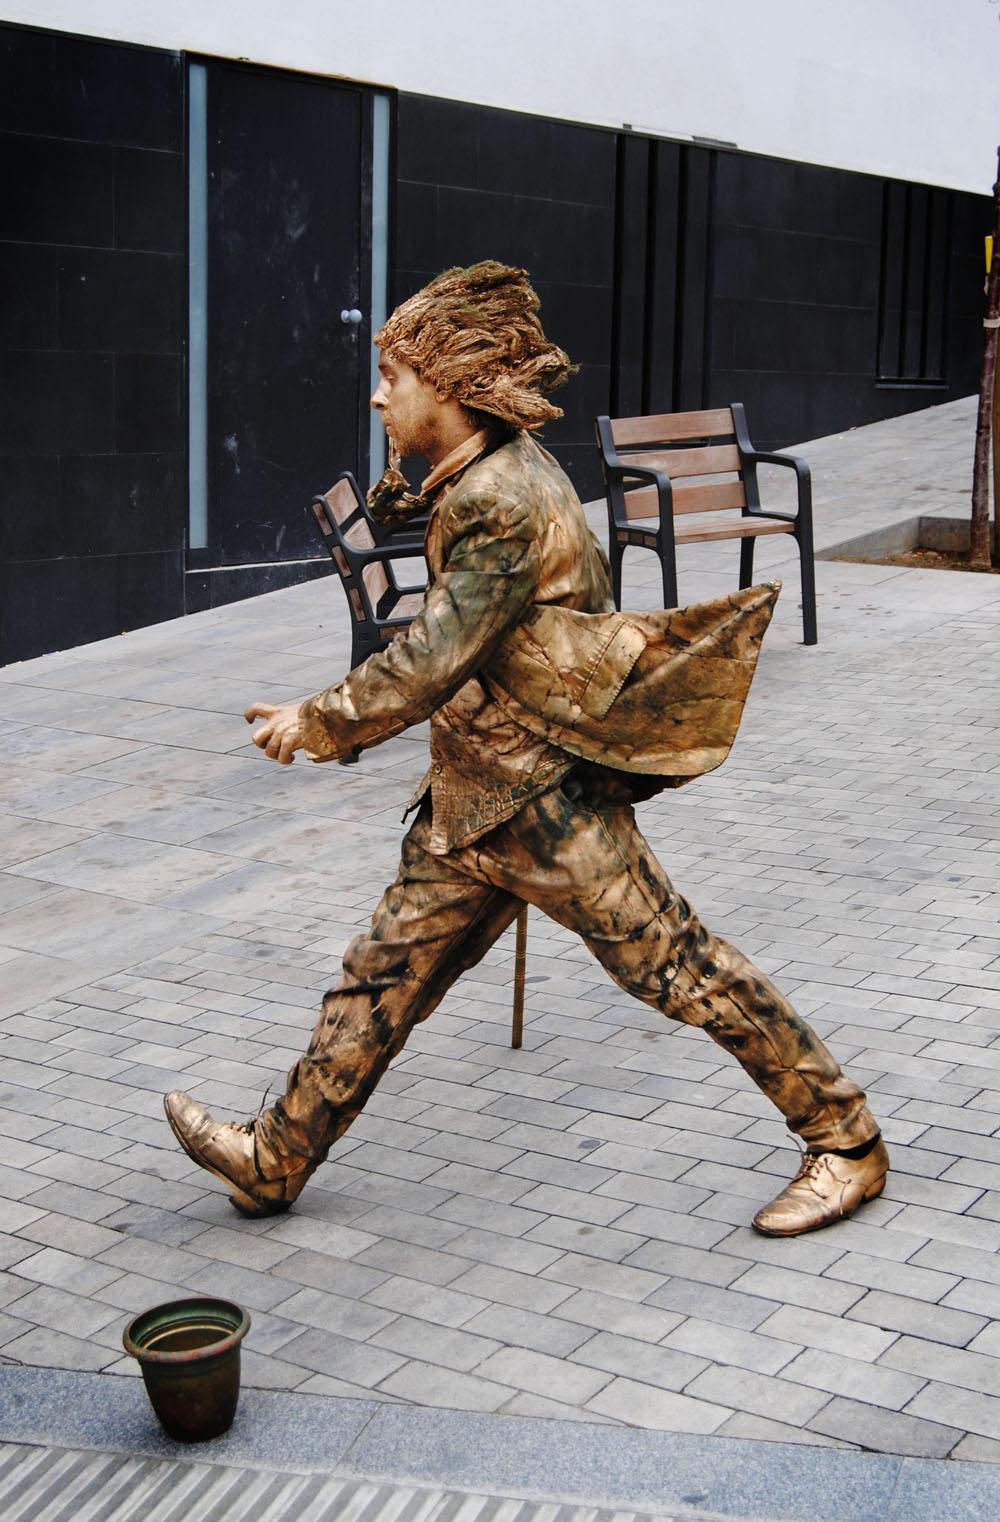 живая скульптура, неподалеку от Парка Гуэль